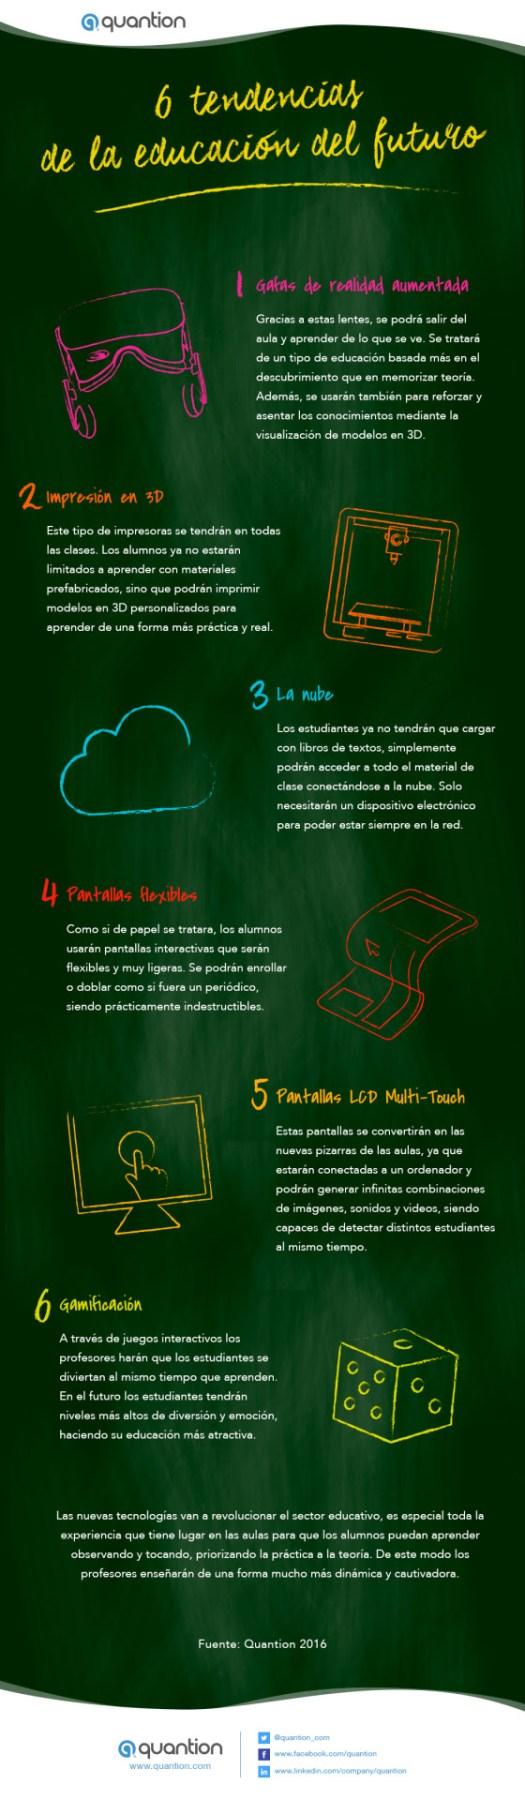 5 - 6 tendencias de la educación del futuro